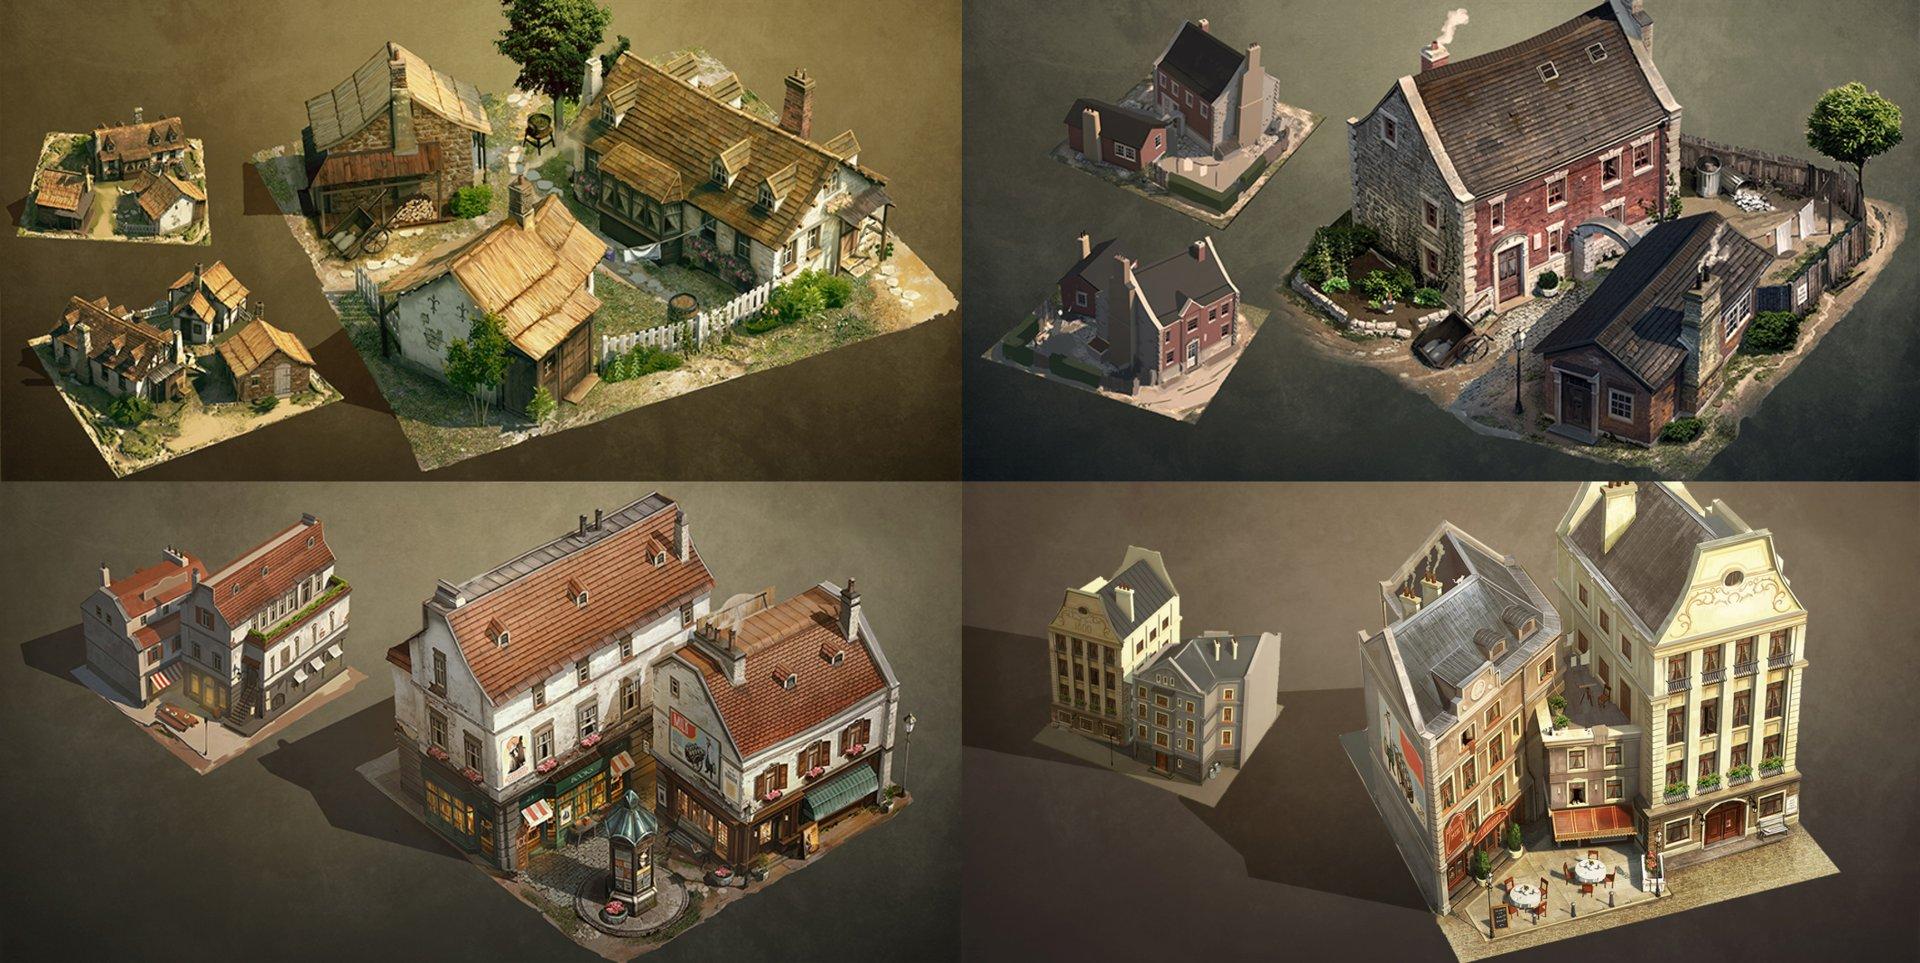 Detaillierte 3D-Modelle